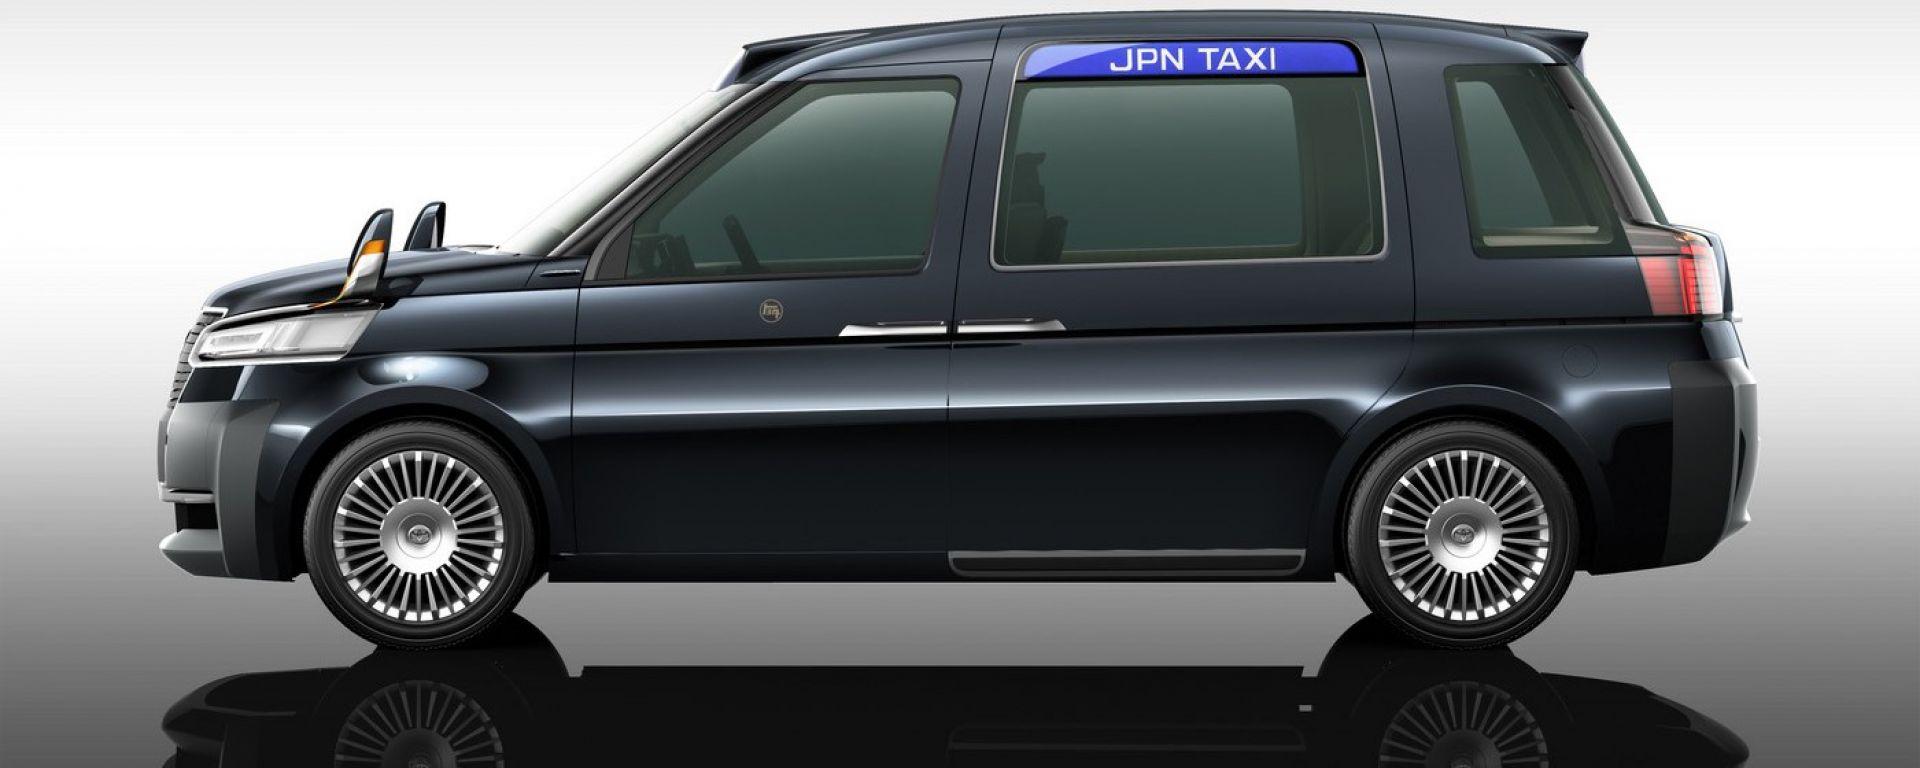 Guida autonoma: Toyota, dopo Uber, chiede aiuto ai tassisti